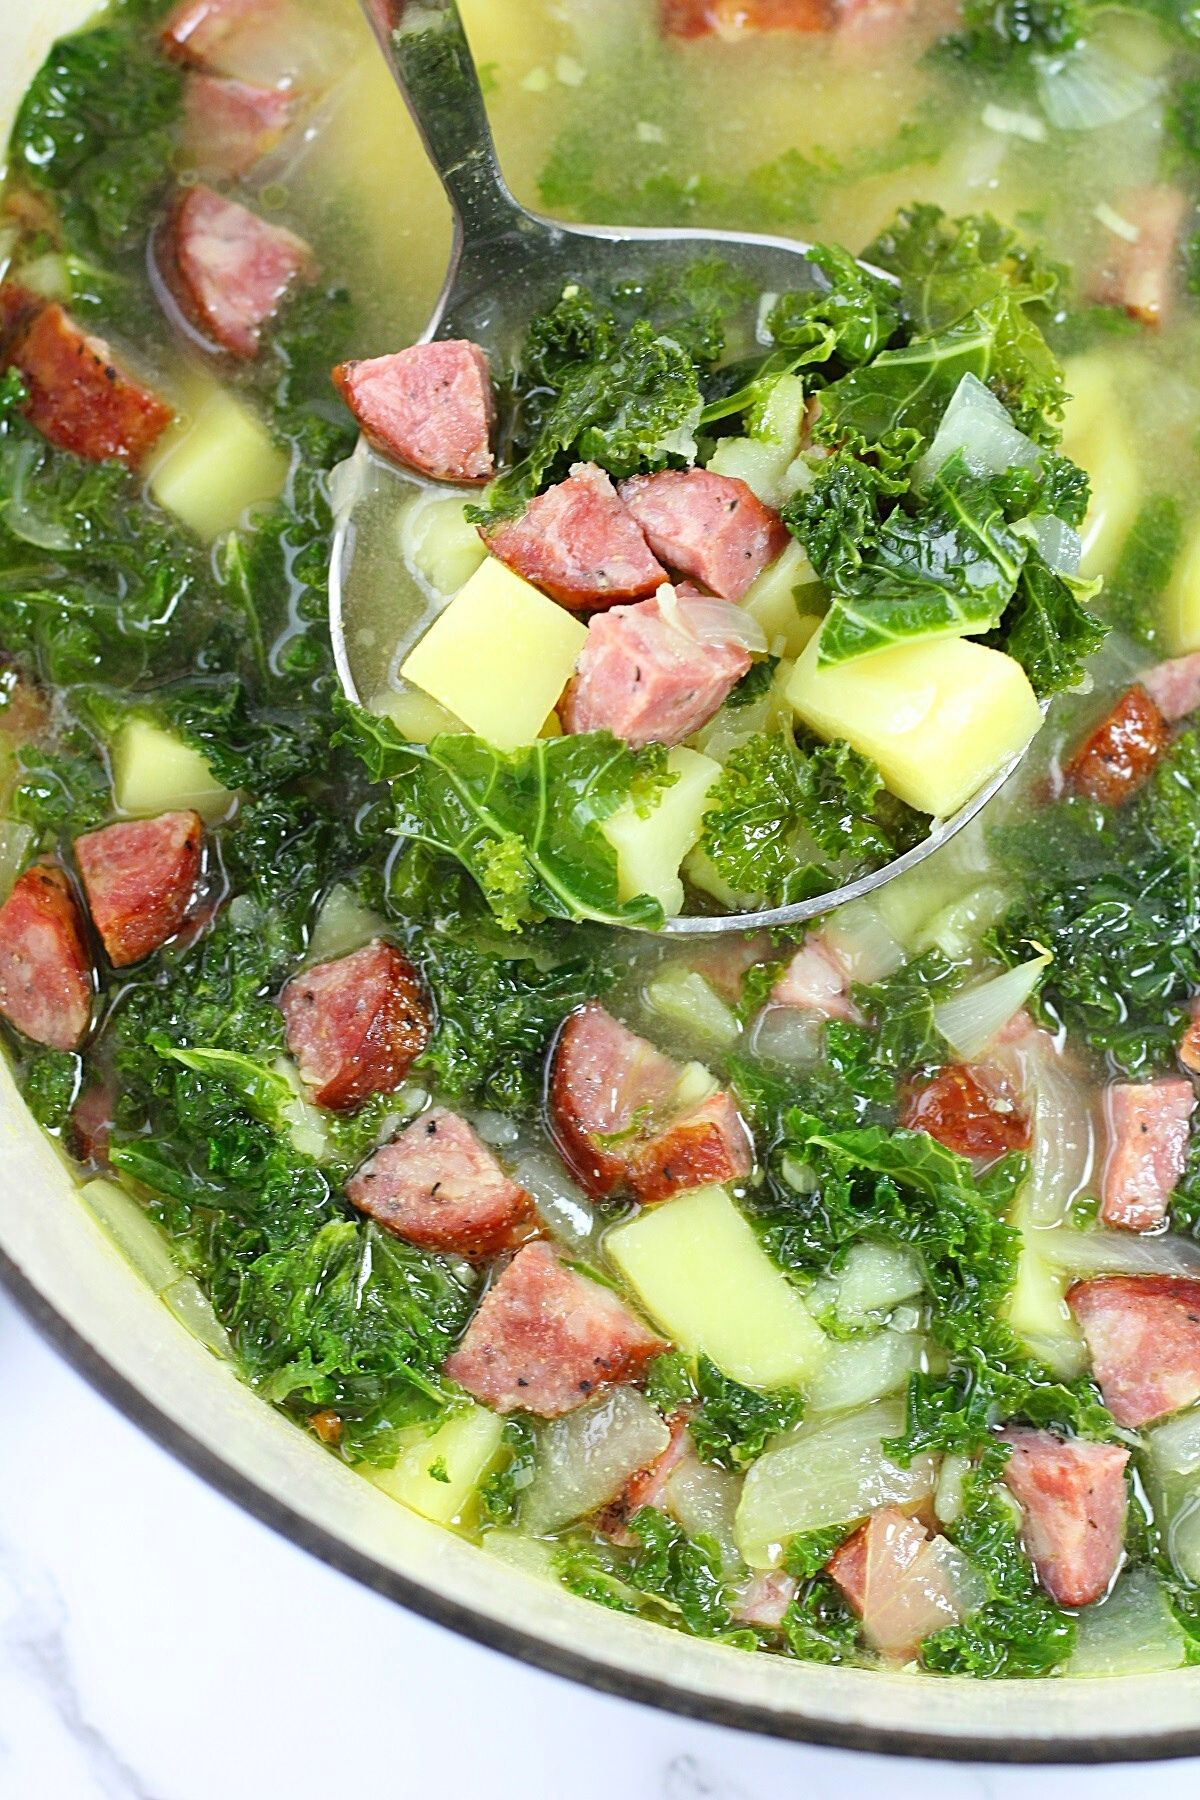 ladle of caldo verde-style soup over a pot of soup